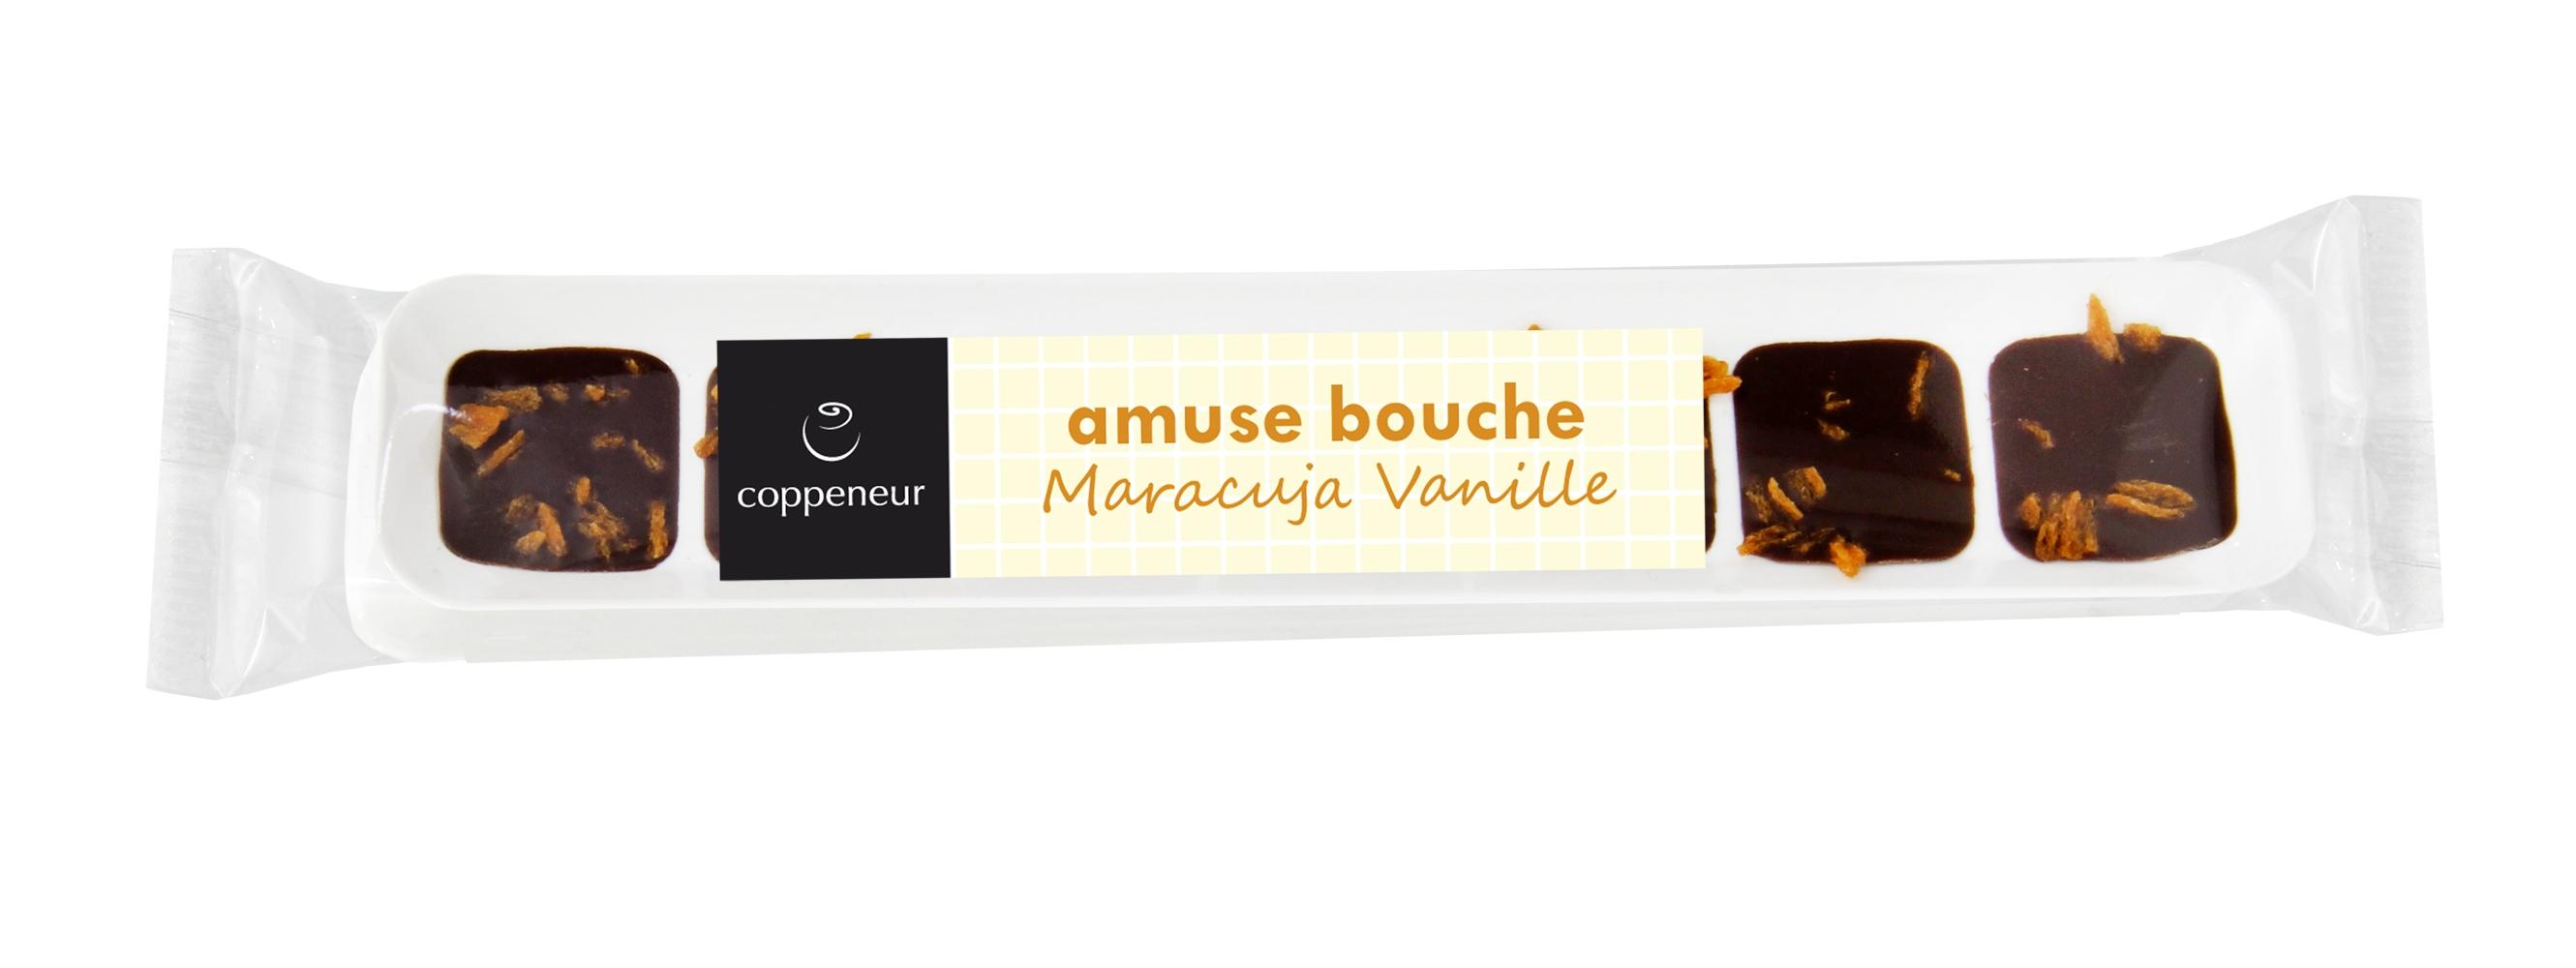 amuse_bouche_maracuja_vanille